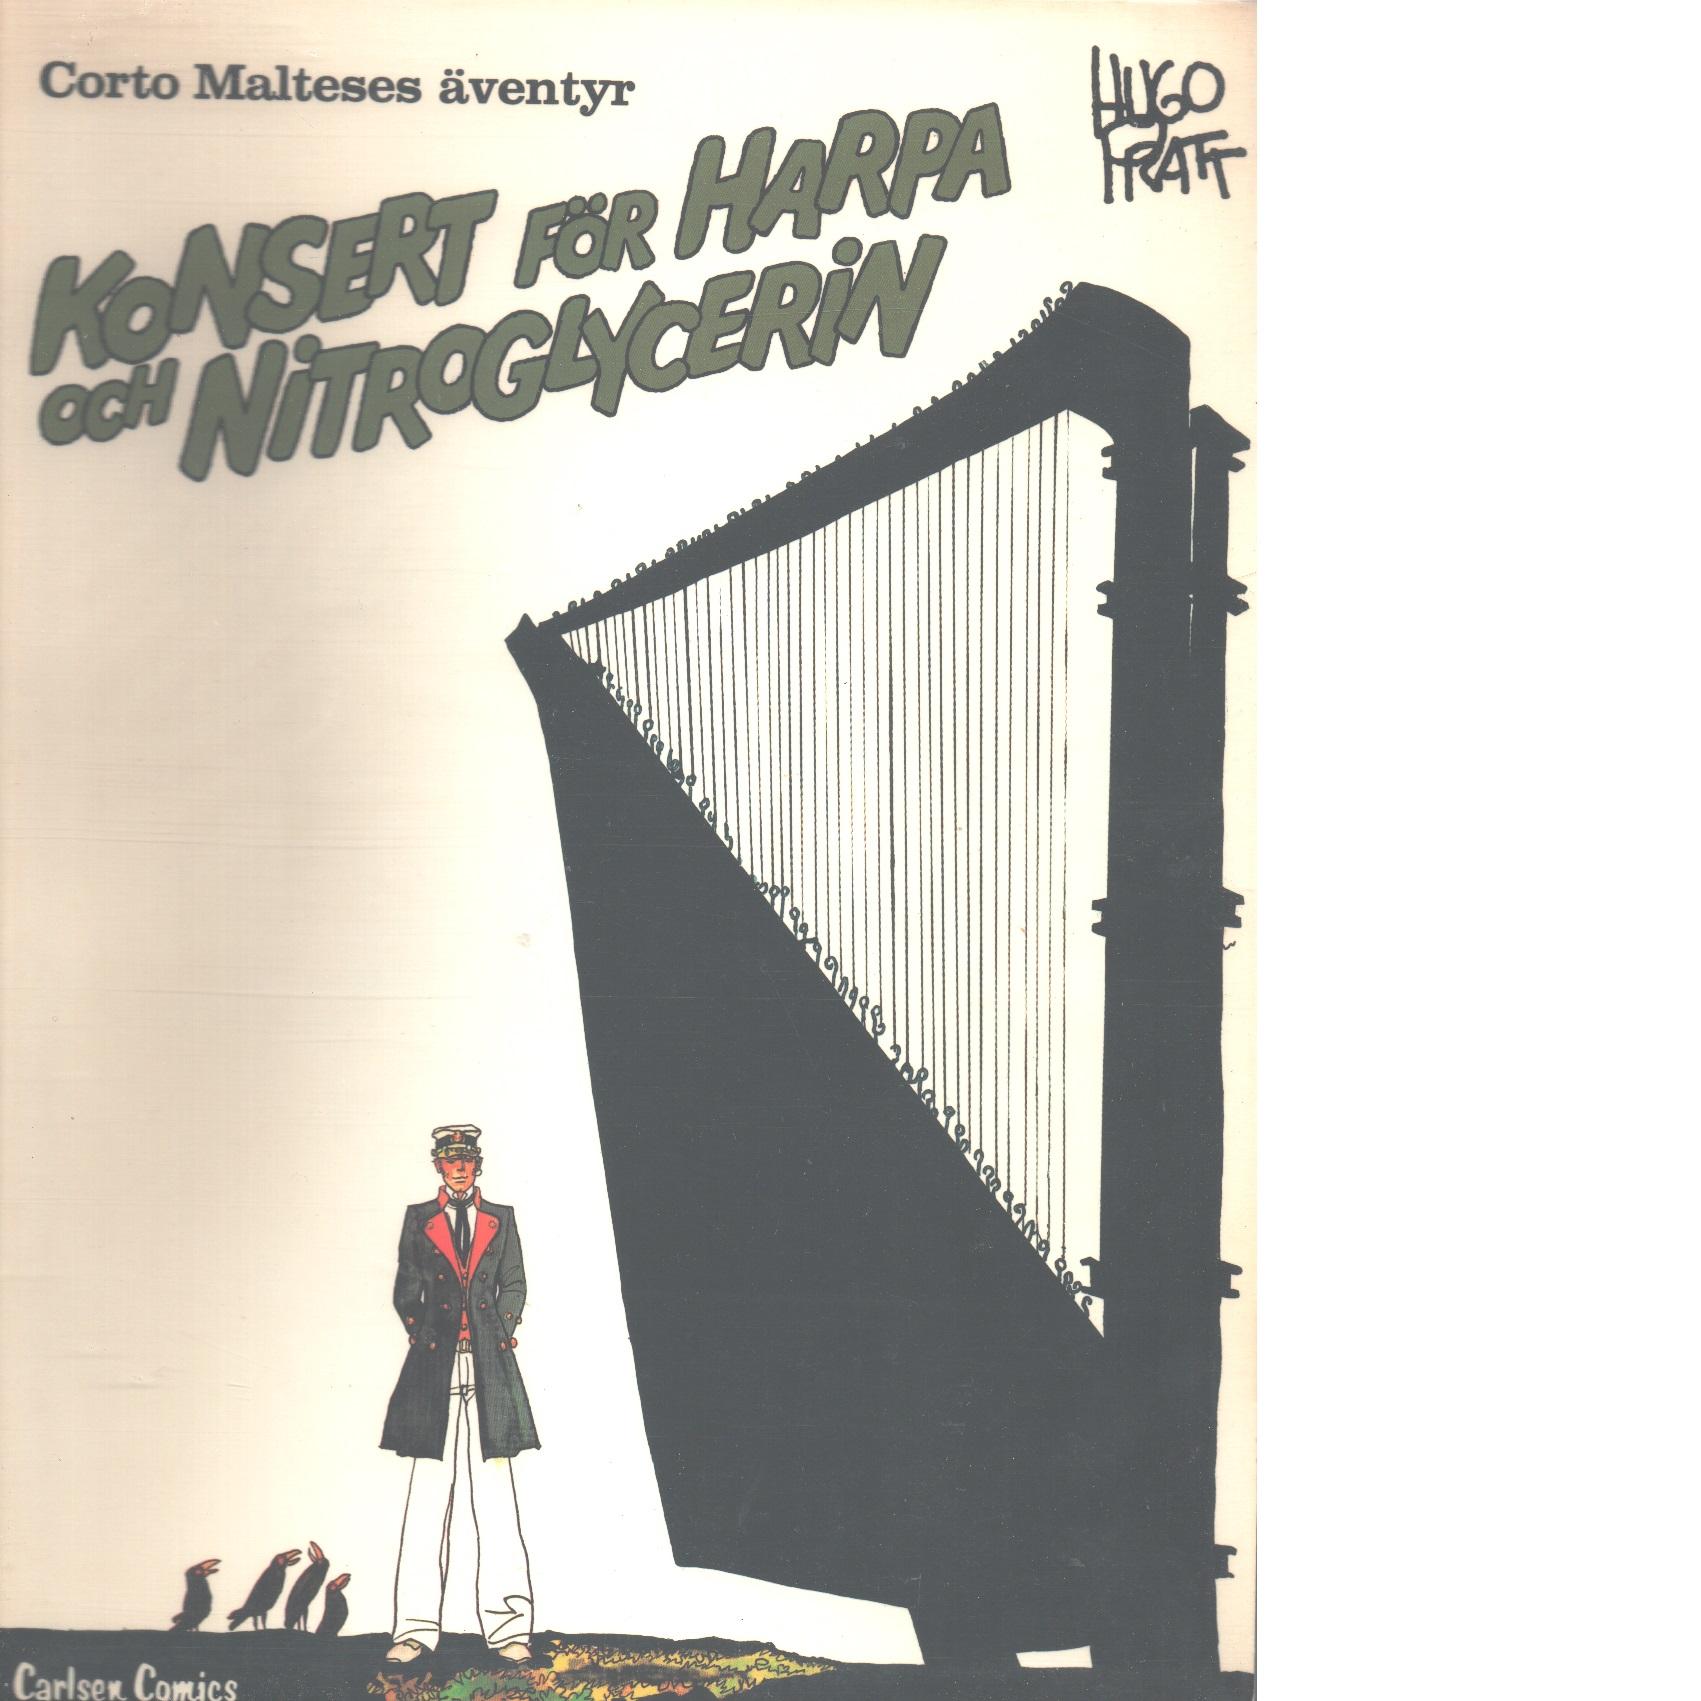 Konsert för harpa och nitroglycerin - Pratt, Hugo